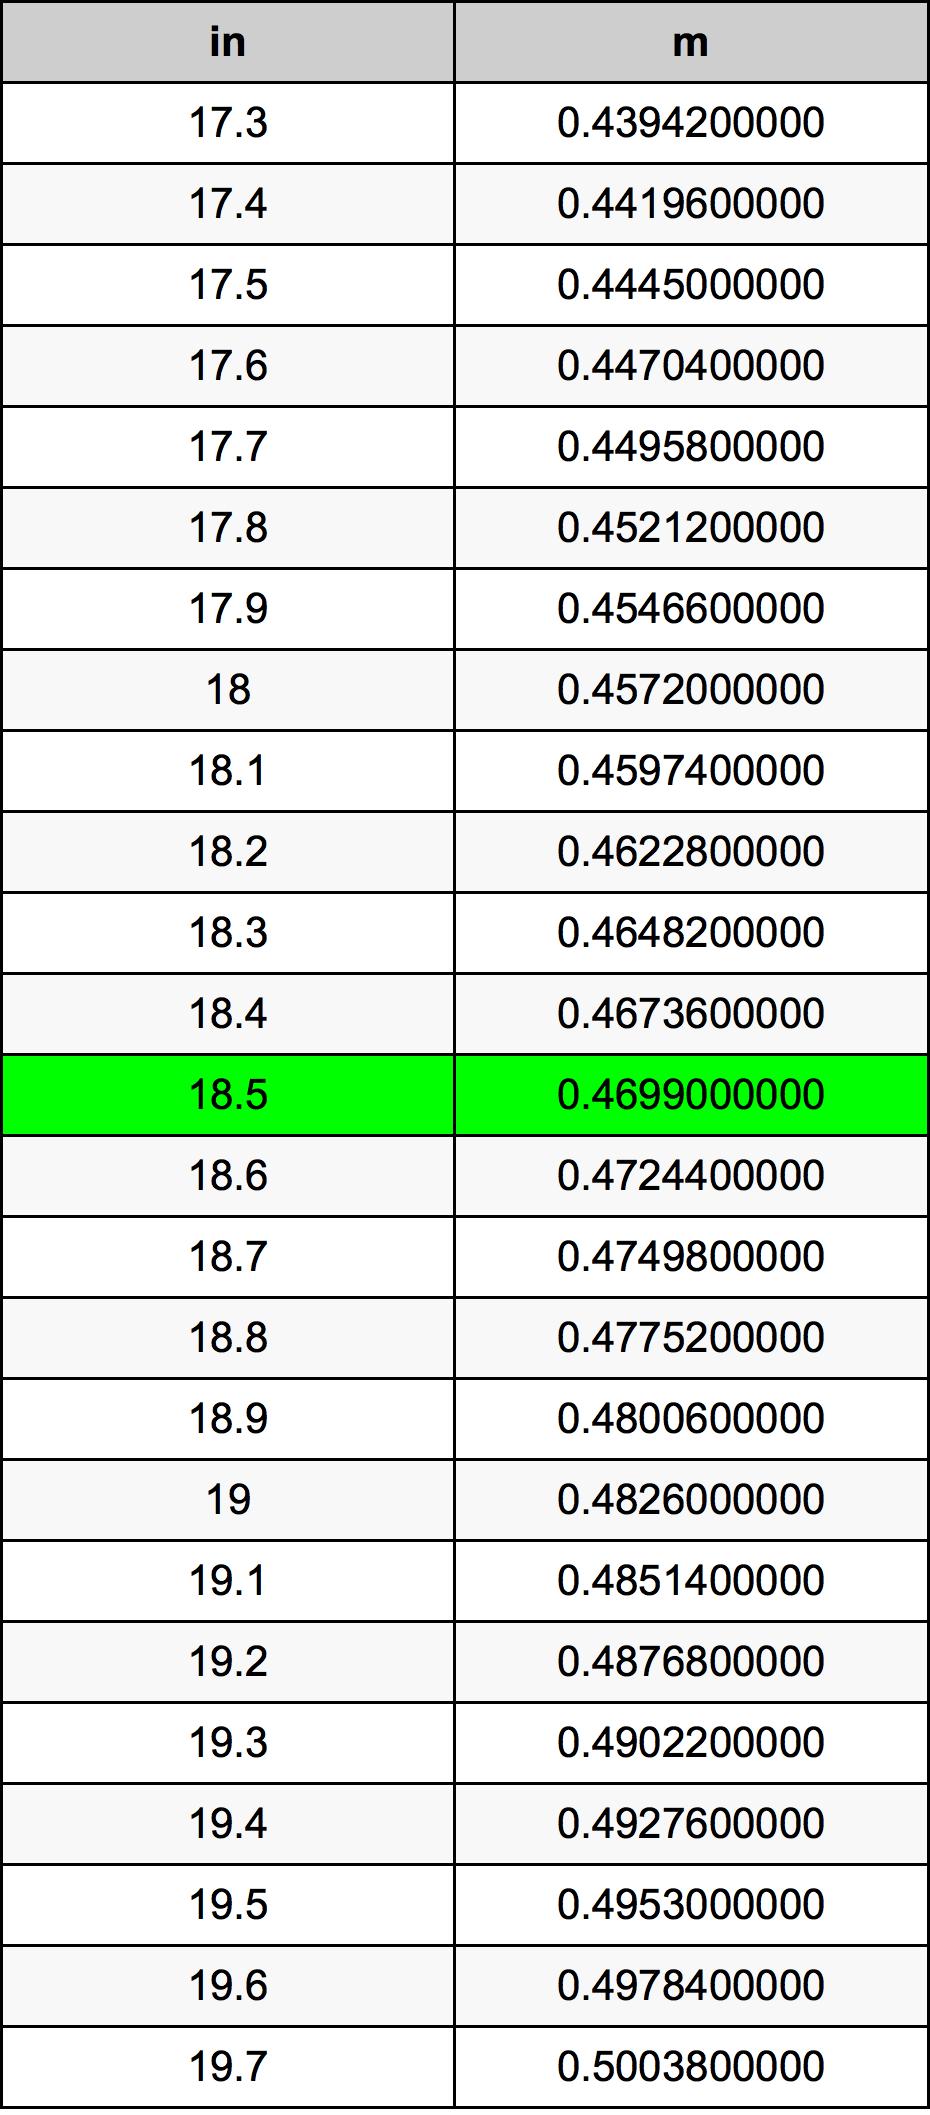 18.5 인치 변환 표